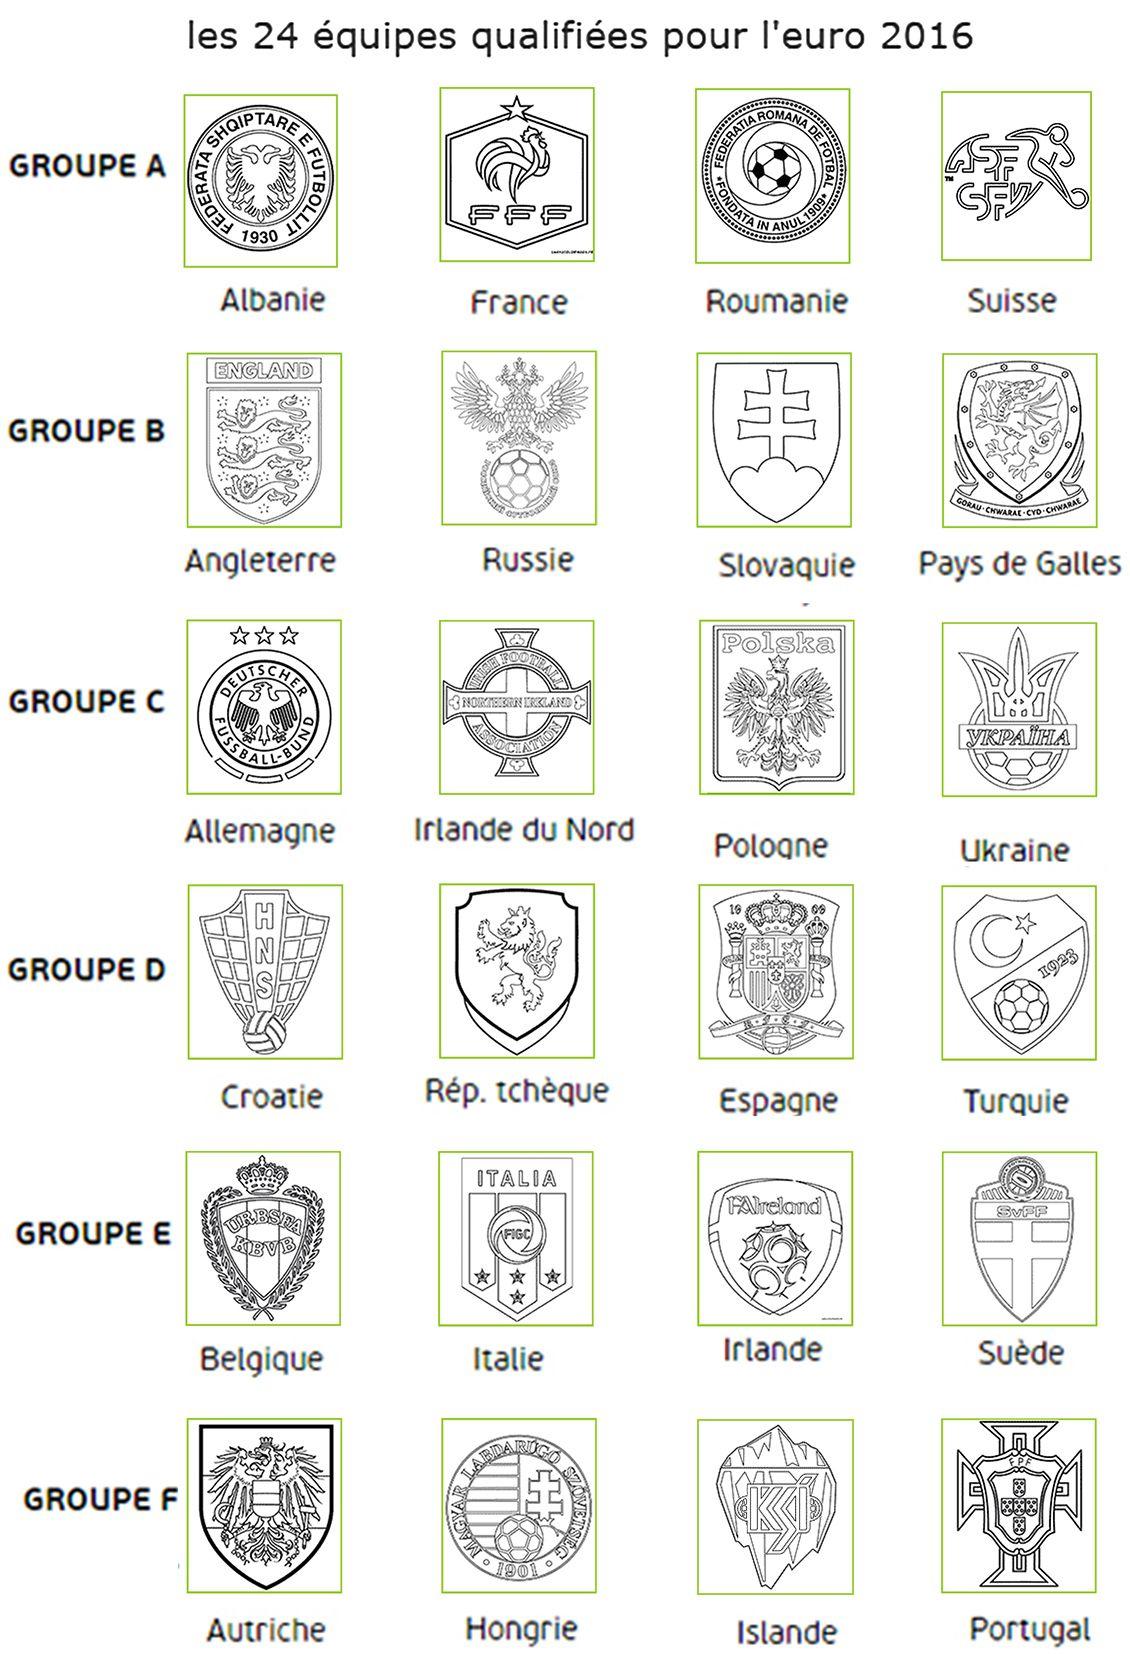 24 Équipes Qualifiées Pour L'Euro 2016 (Avec Images tout Coupe Du Monde Dessin